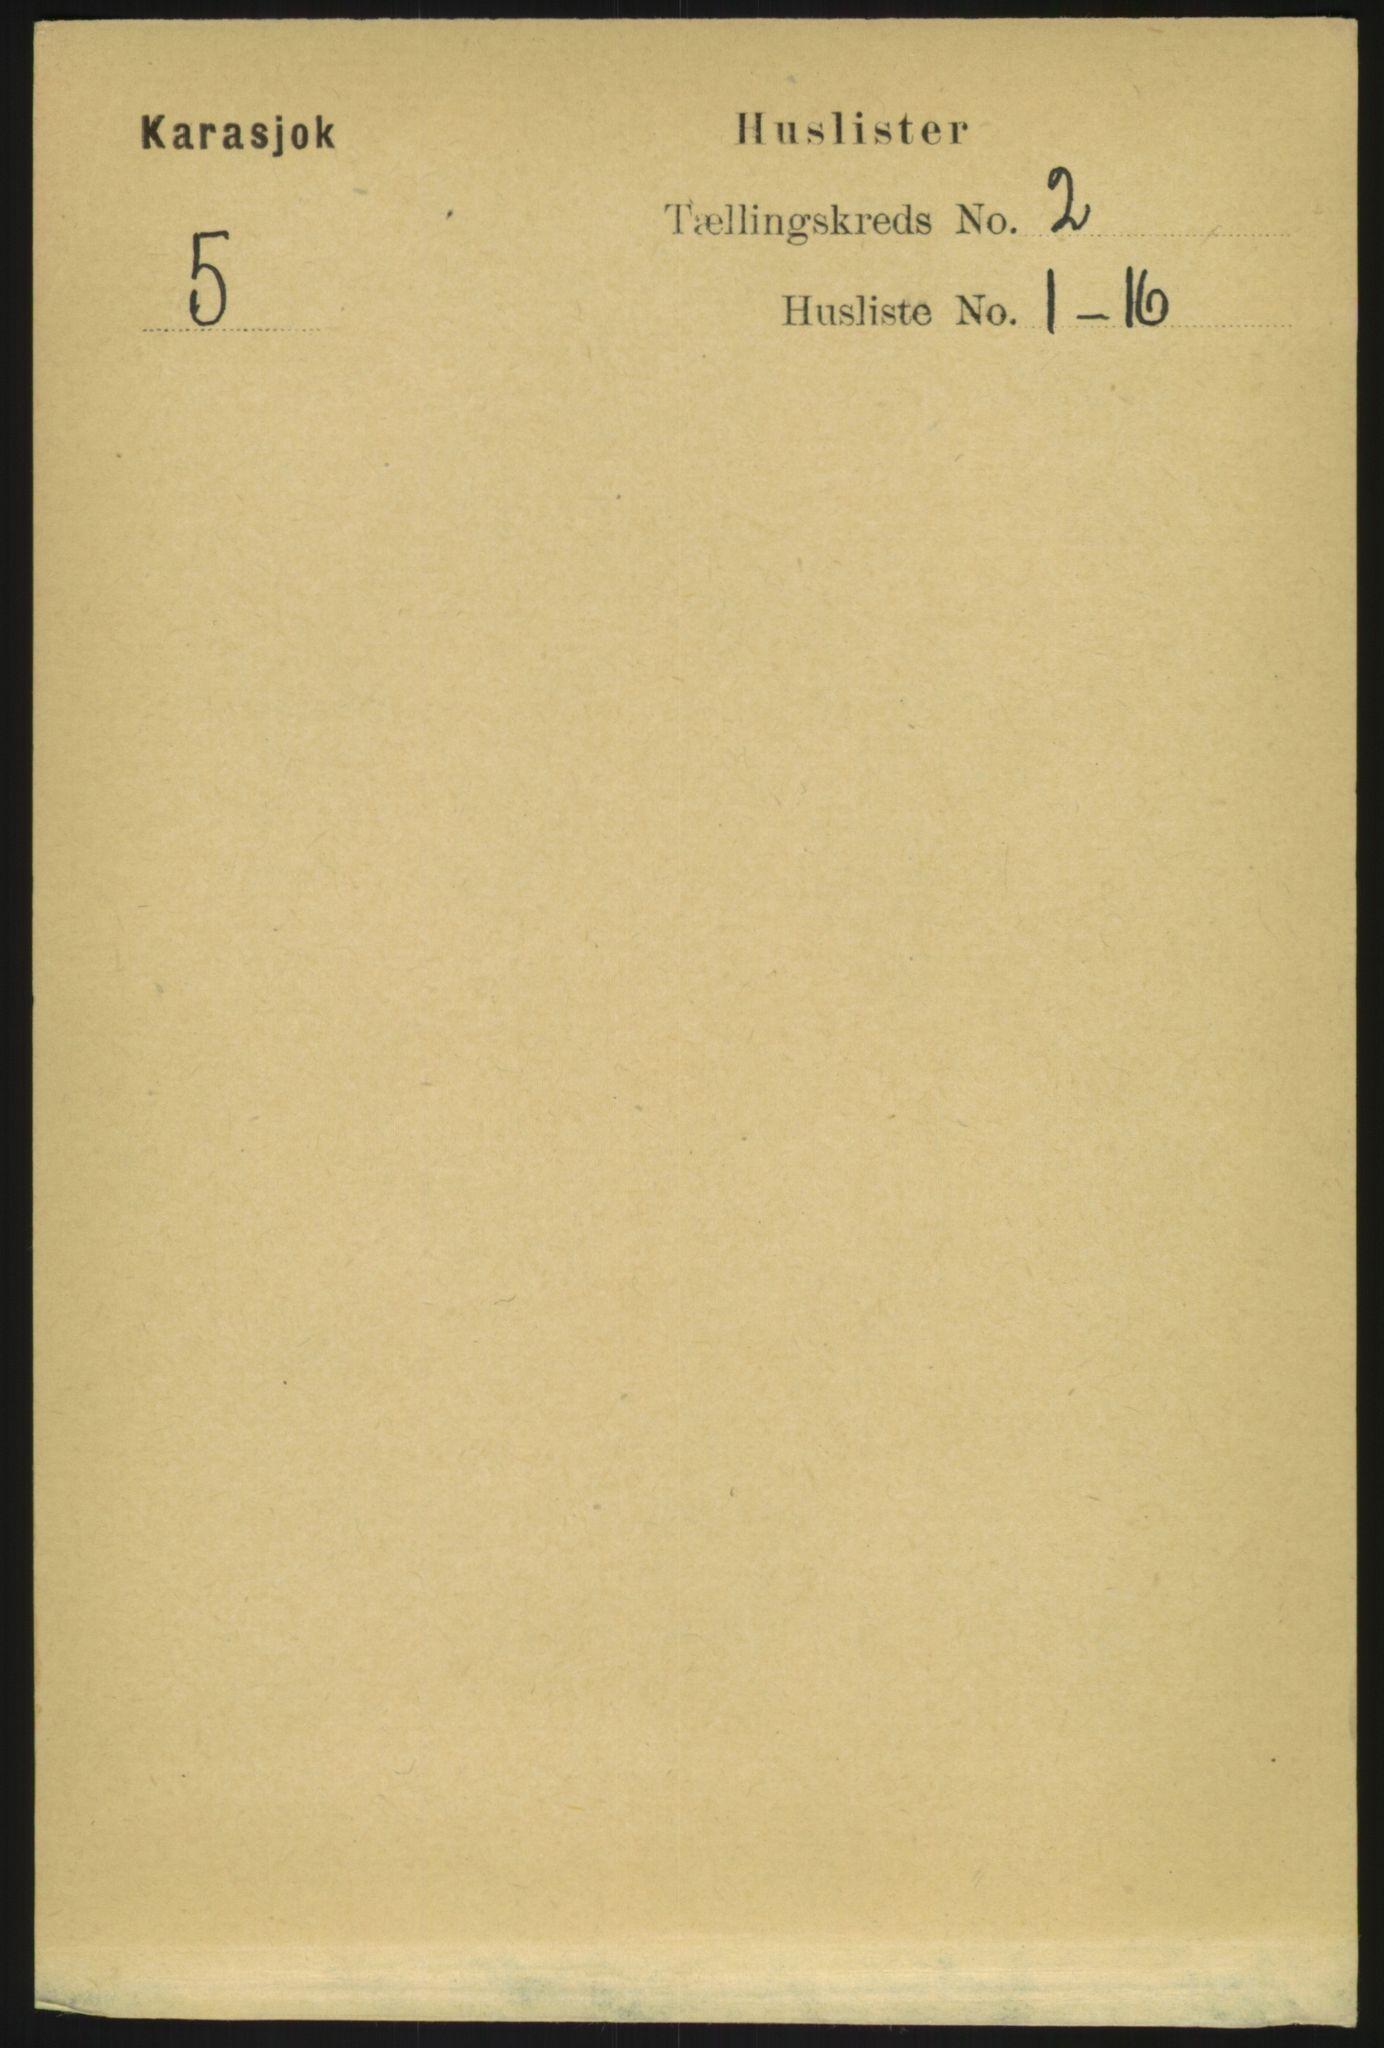 RA, Folketelling 1891 for 2021 Karasjok herred, 1891, s. 417